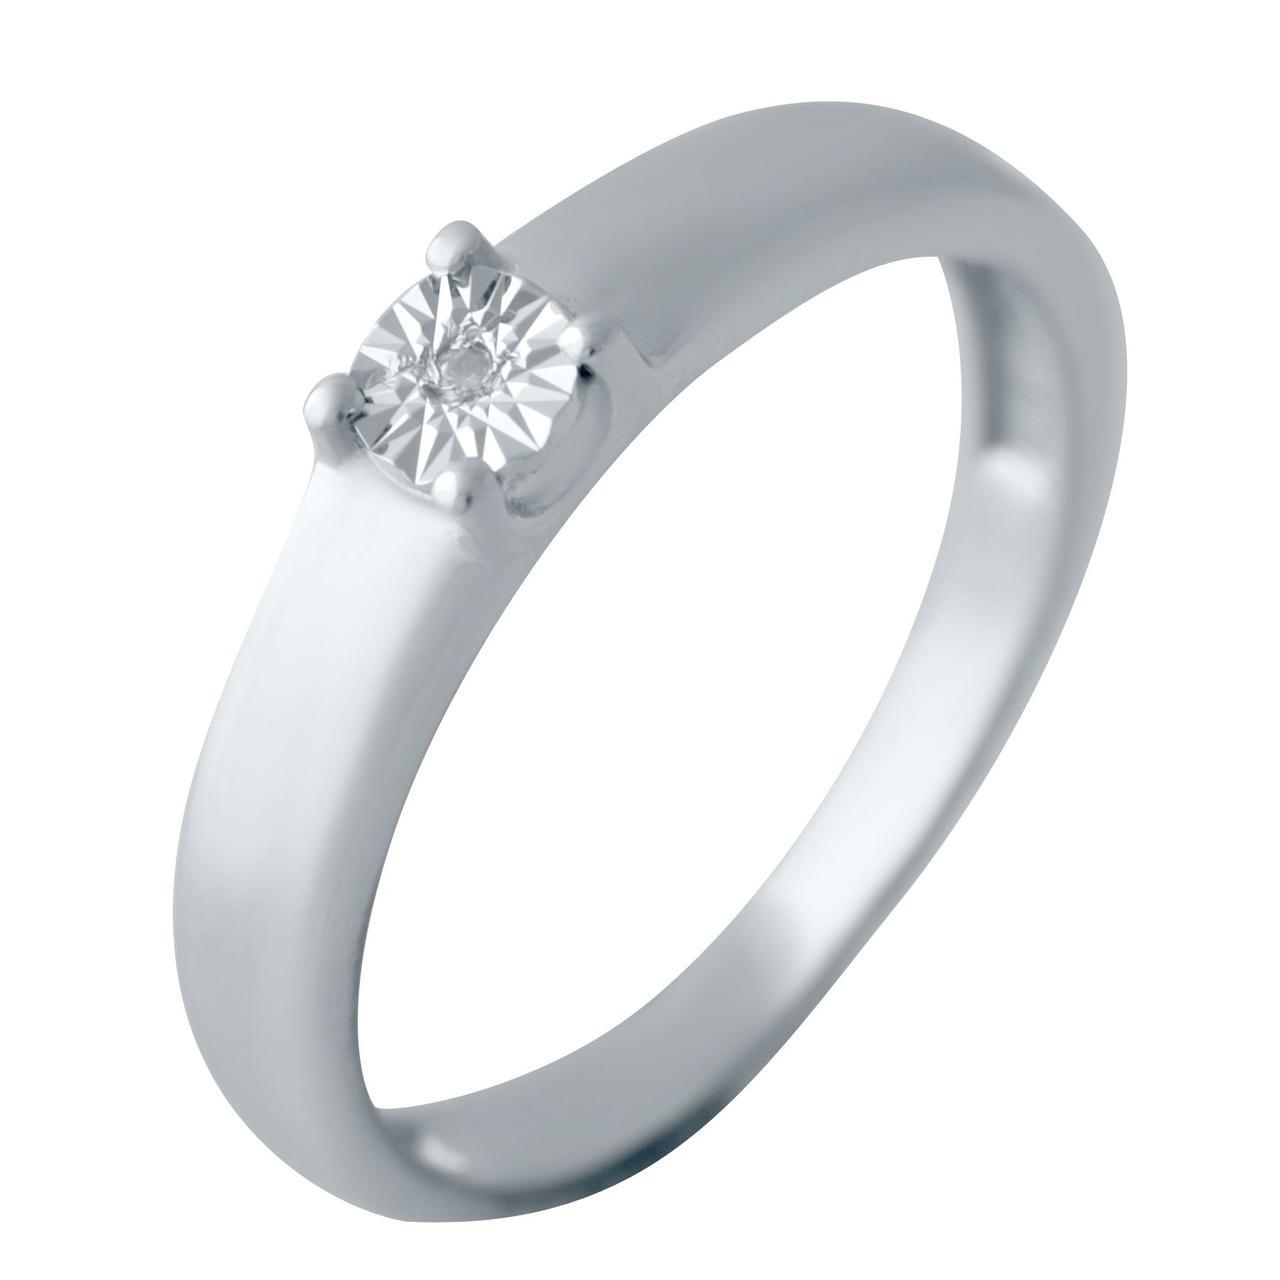 Серебряное кольцо DreamJewelry с натуральными бриллиантом 0.009ct (2043621) 17.5 размер